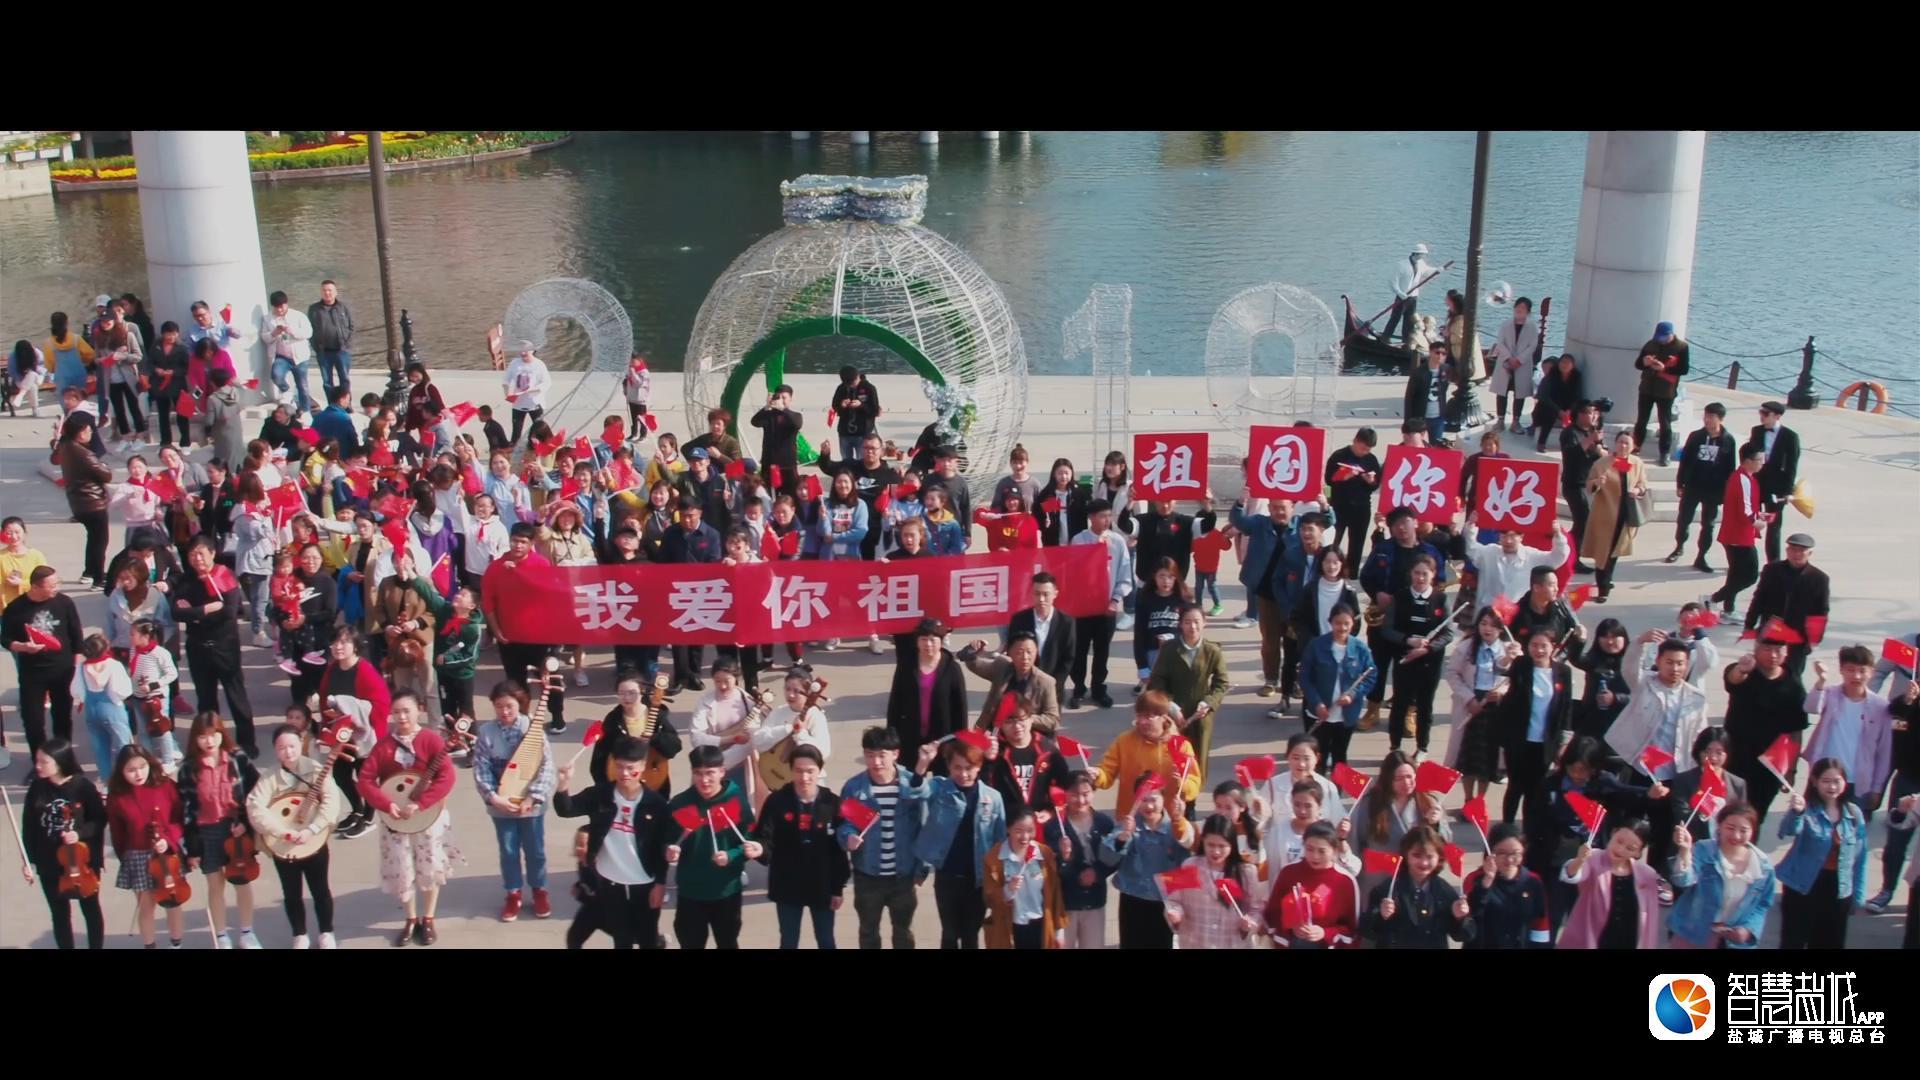 景美、人美、歌声燃!盐城城南新区千人齐唱国歌 向祖国致敬!